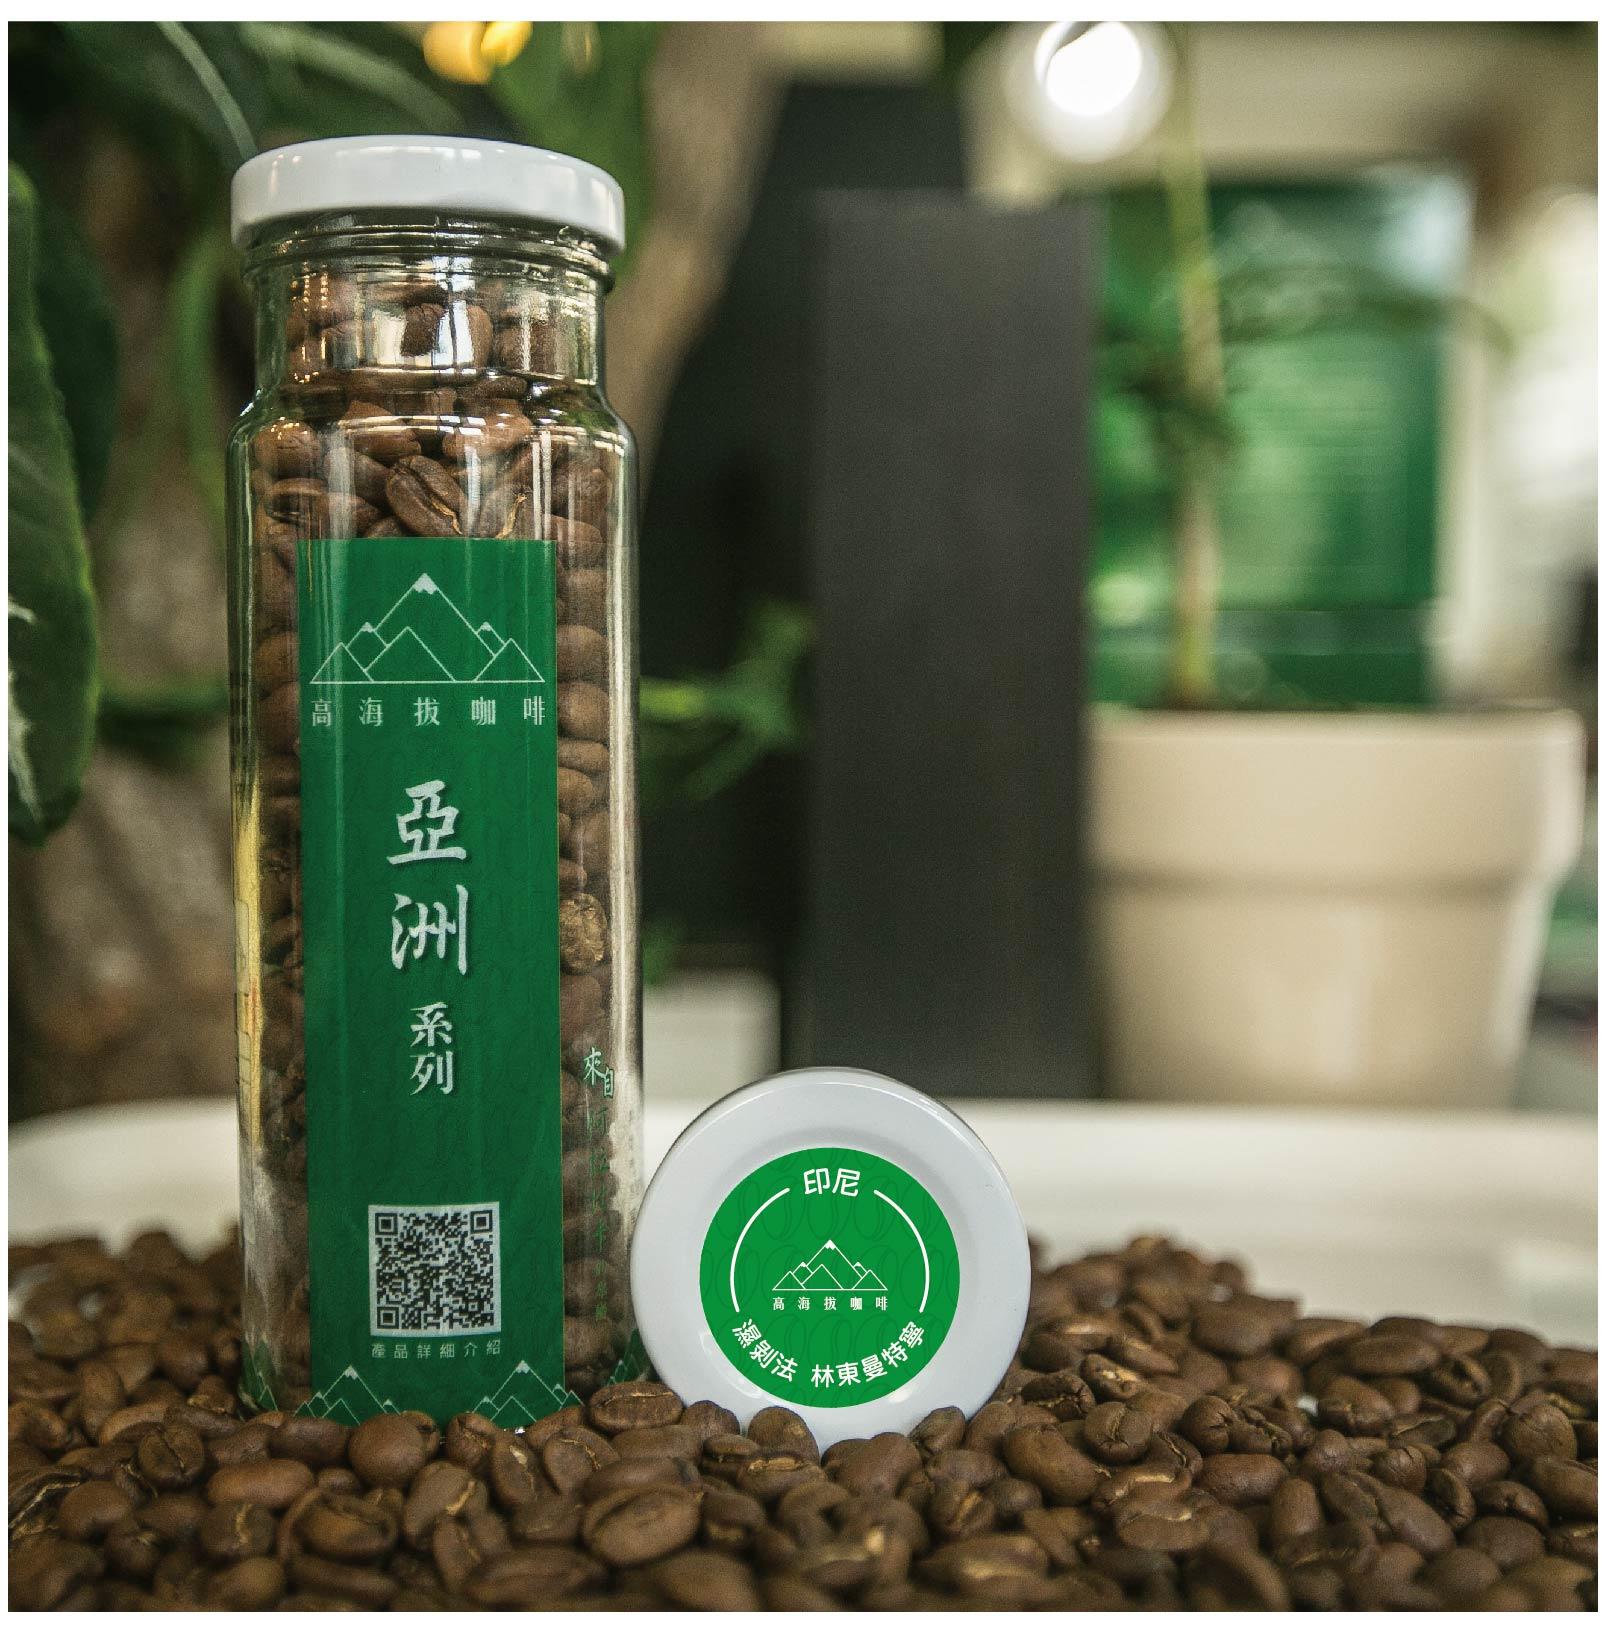 亞洲系列/林東曼特寧 (1/4磅咖啡豆/1/4磅咖啡粉/浸泡式-10入/掛耳式-10入)